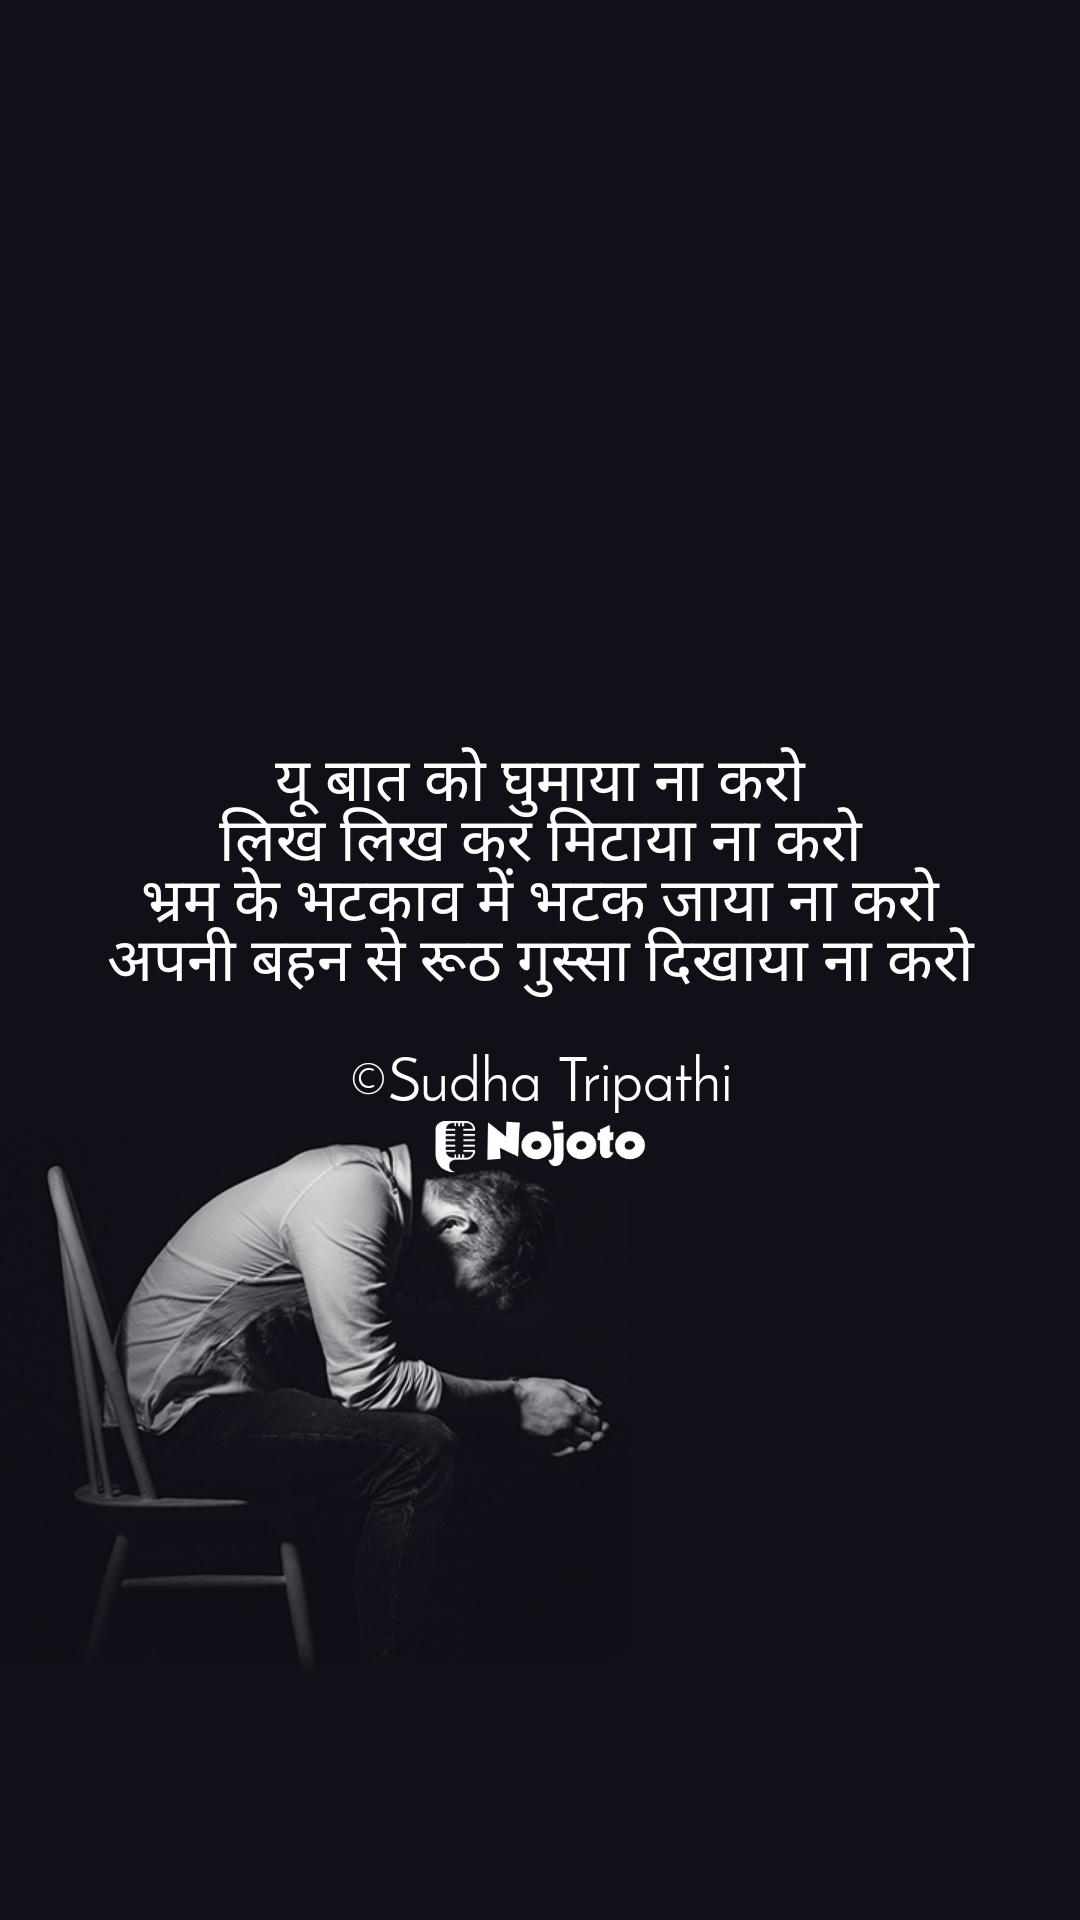 यू बात को घुमाया ना करो लिख लिख कर मिटाया ना करो भ्रम के भटकाव में भटक जाया ना करो अपनी बहन से रूठ गुस्सा दिखाया ना करो  ©Sudha Tripathi